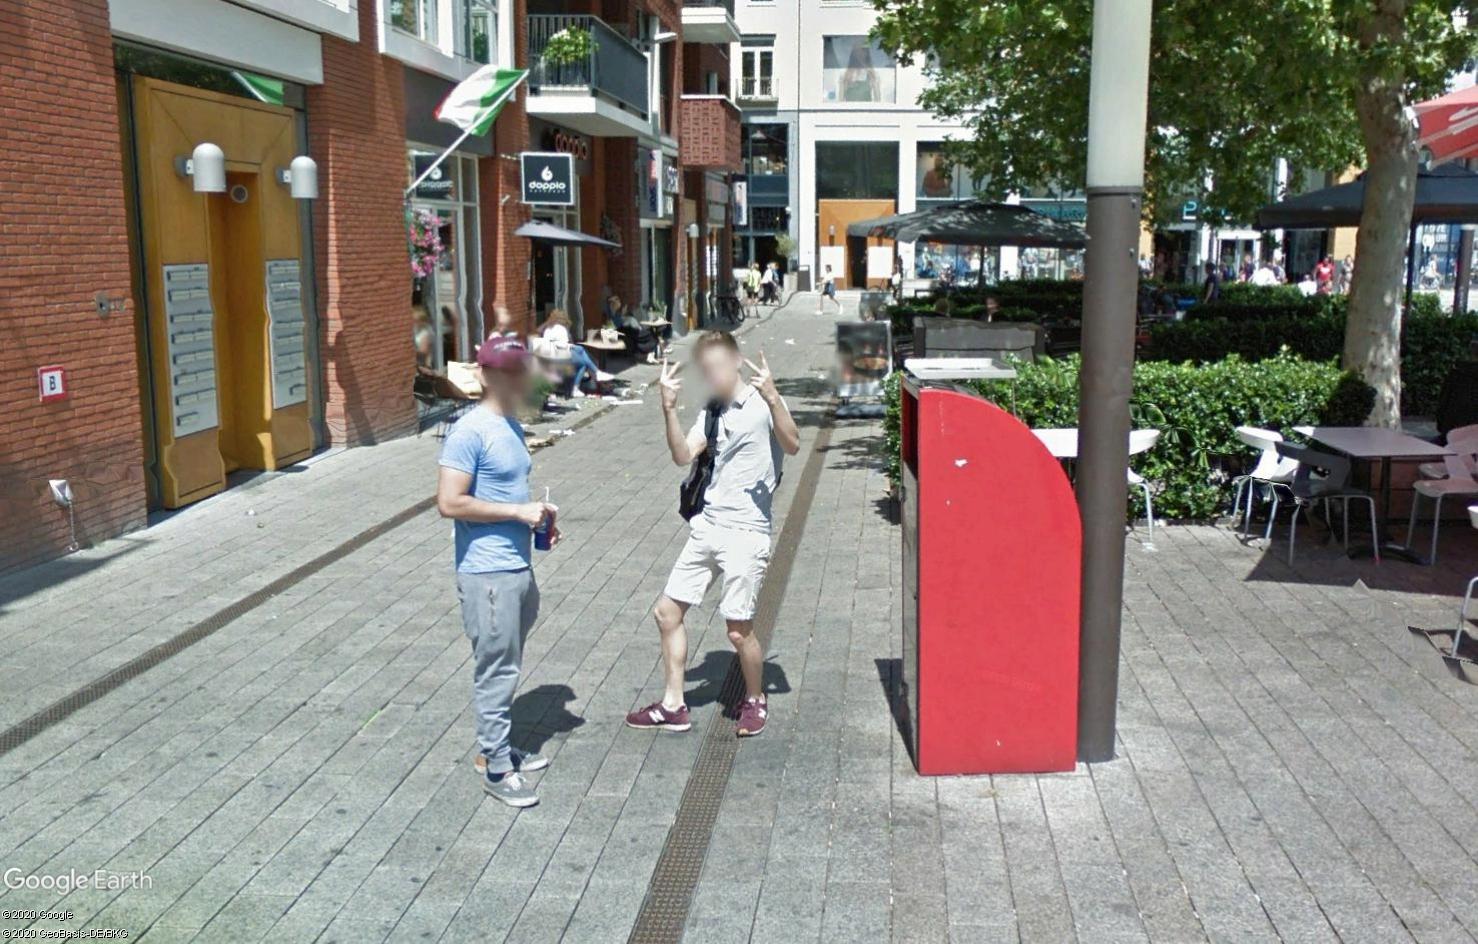 STREET VIEW : un coucou à la Google car  - Page 55 Tsge1803